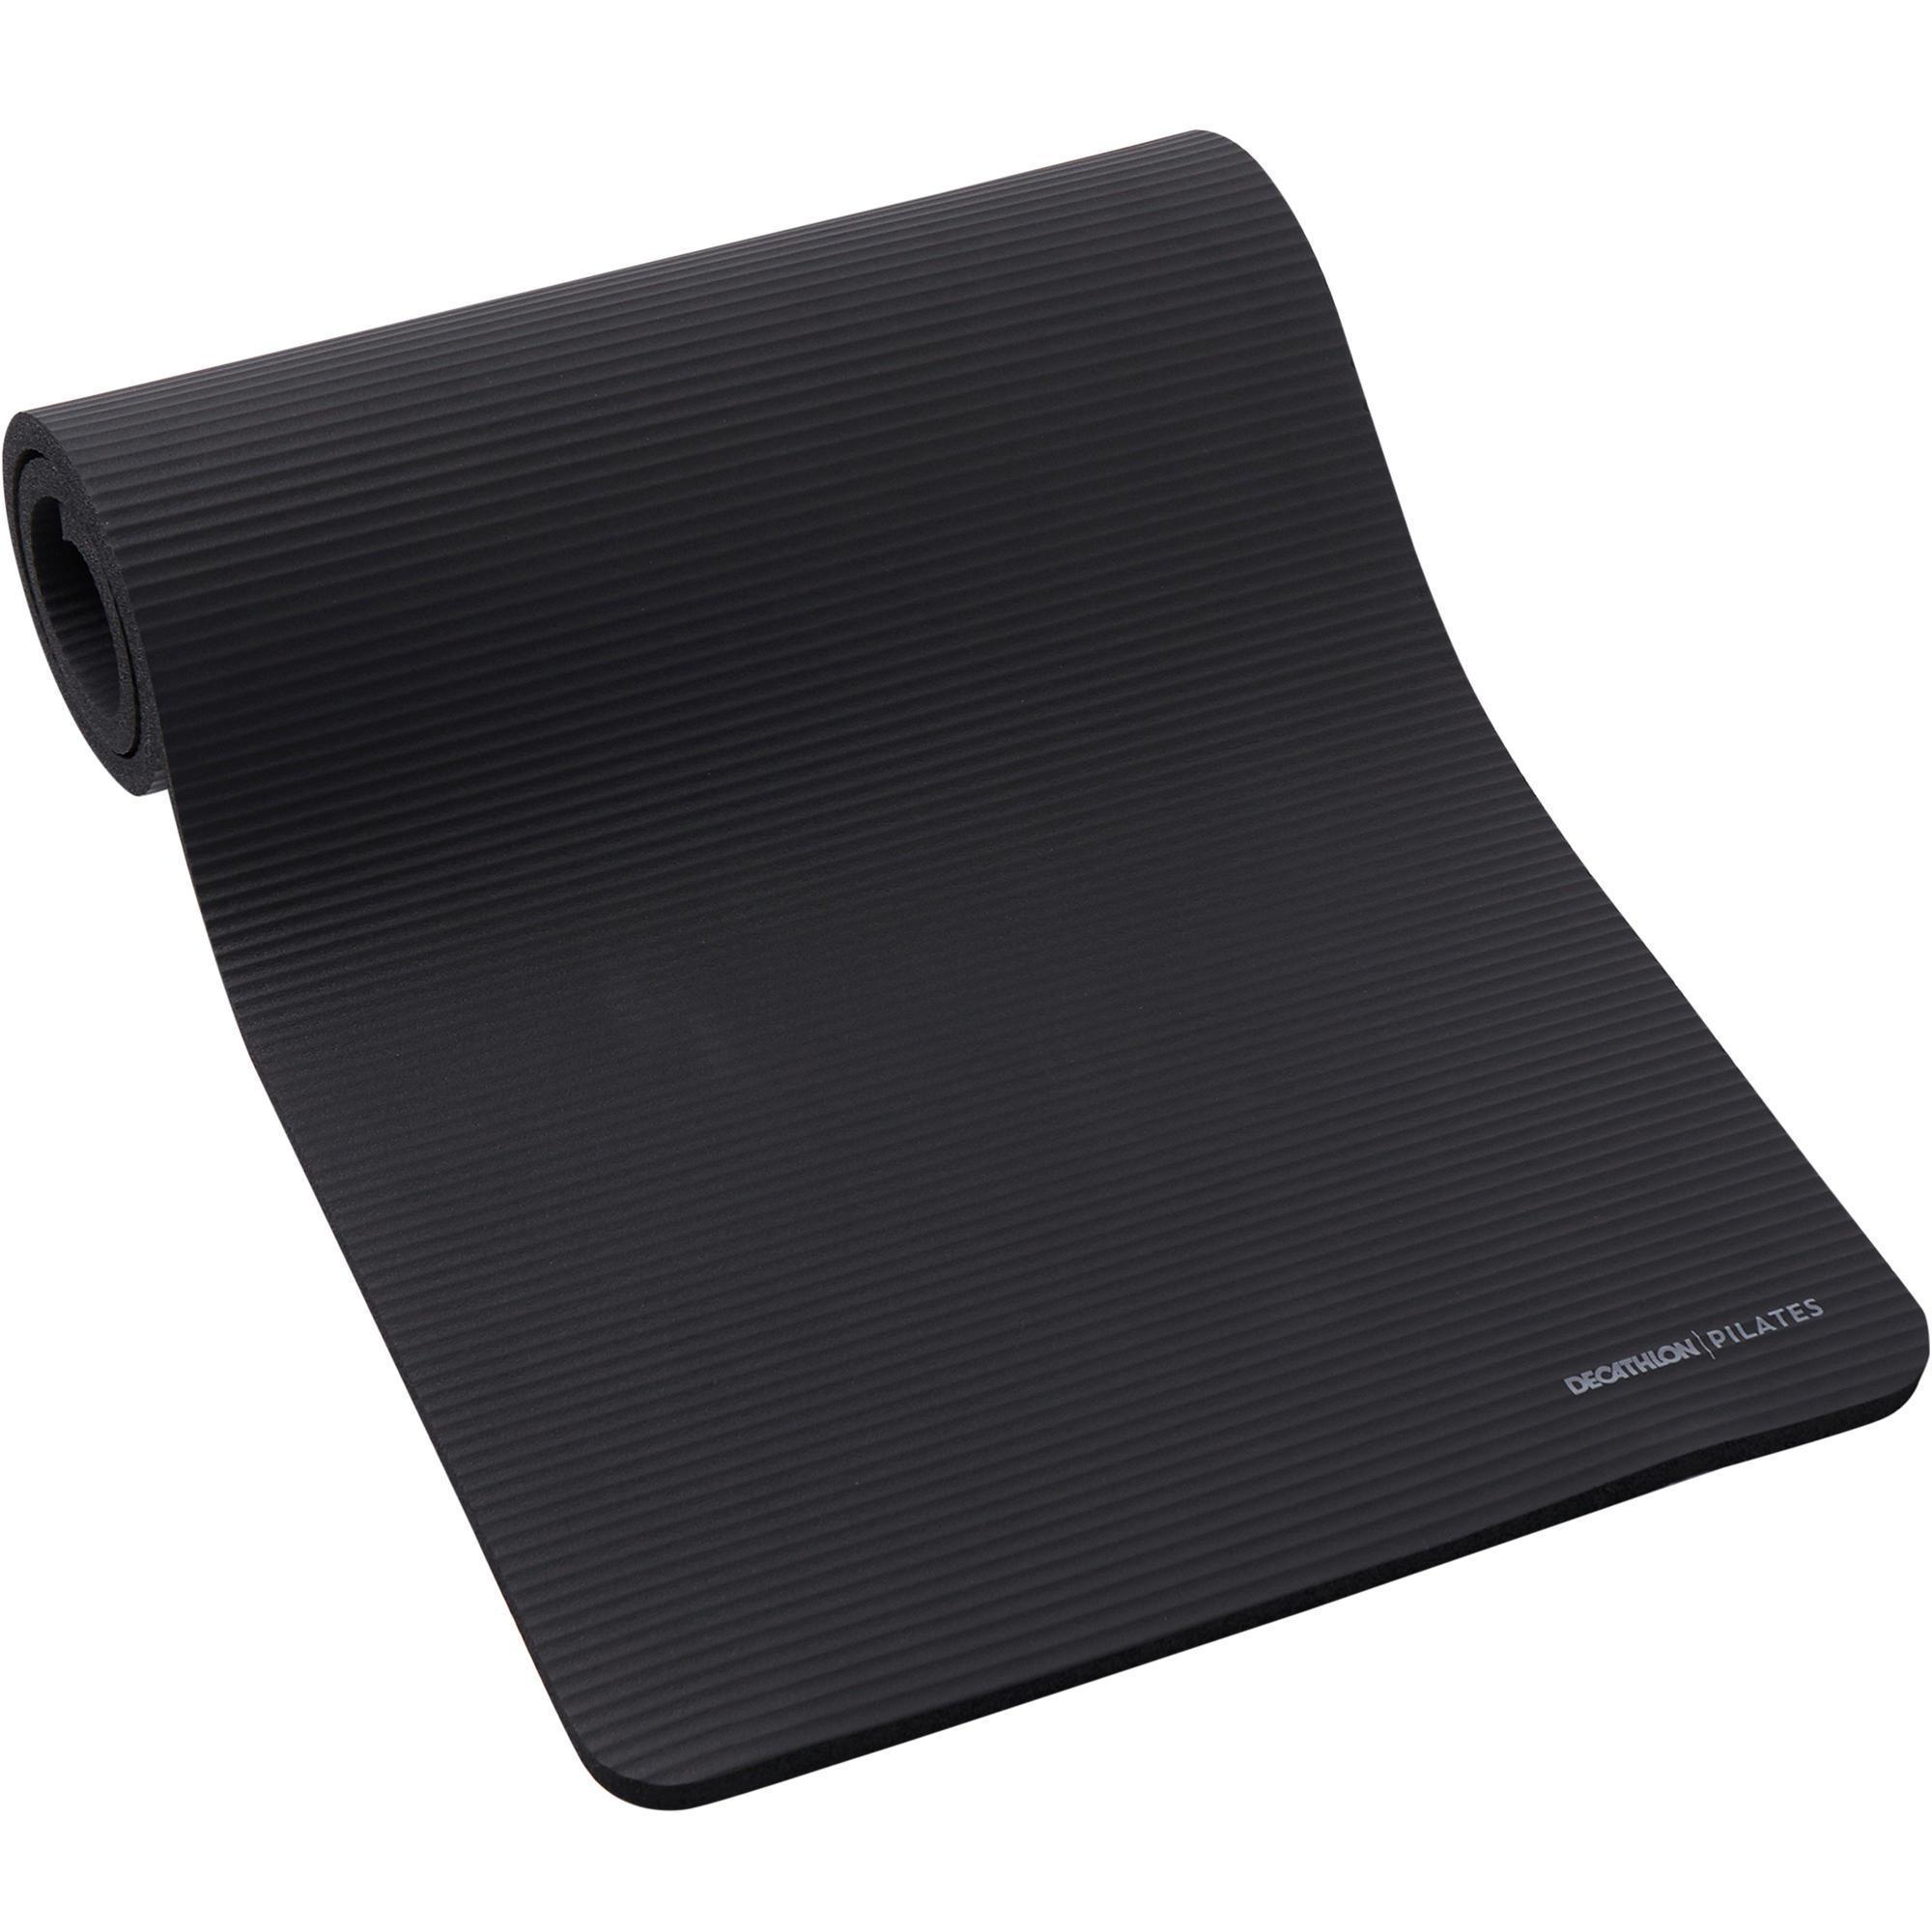 tapis de sol confort fitness 190cmx70cmx20mm noir